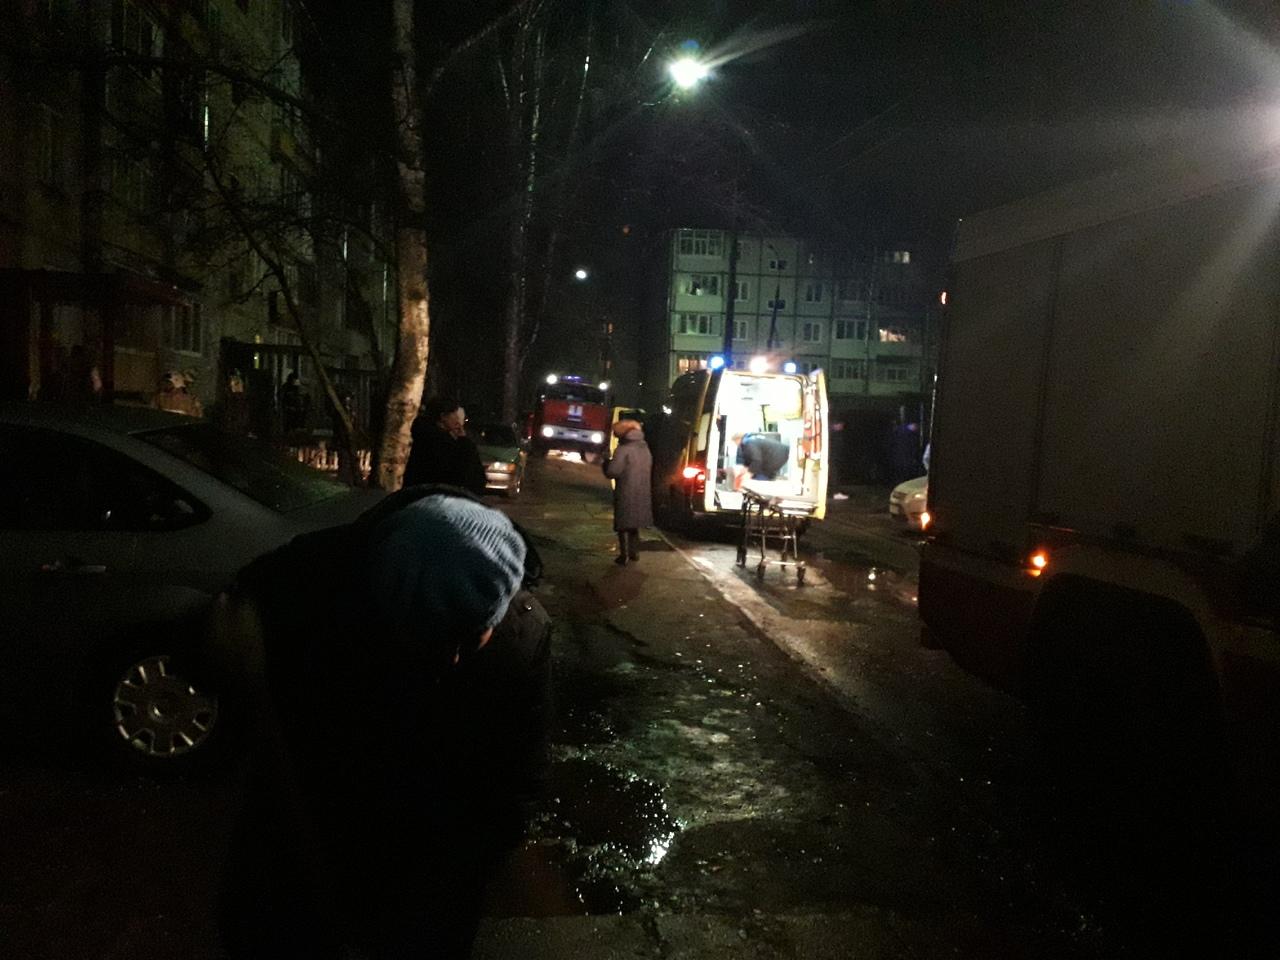 В жилом доме Ярославля произошел взрыв газа: есть пострадавшие